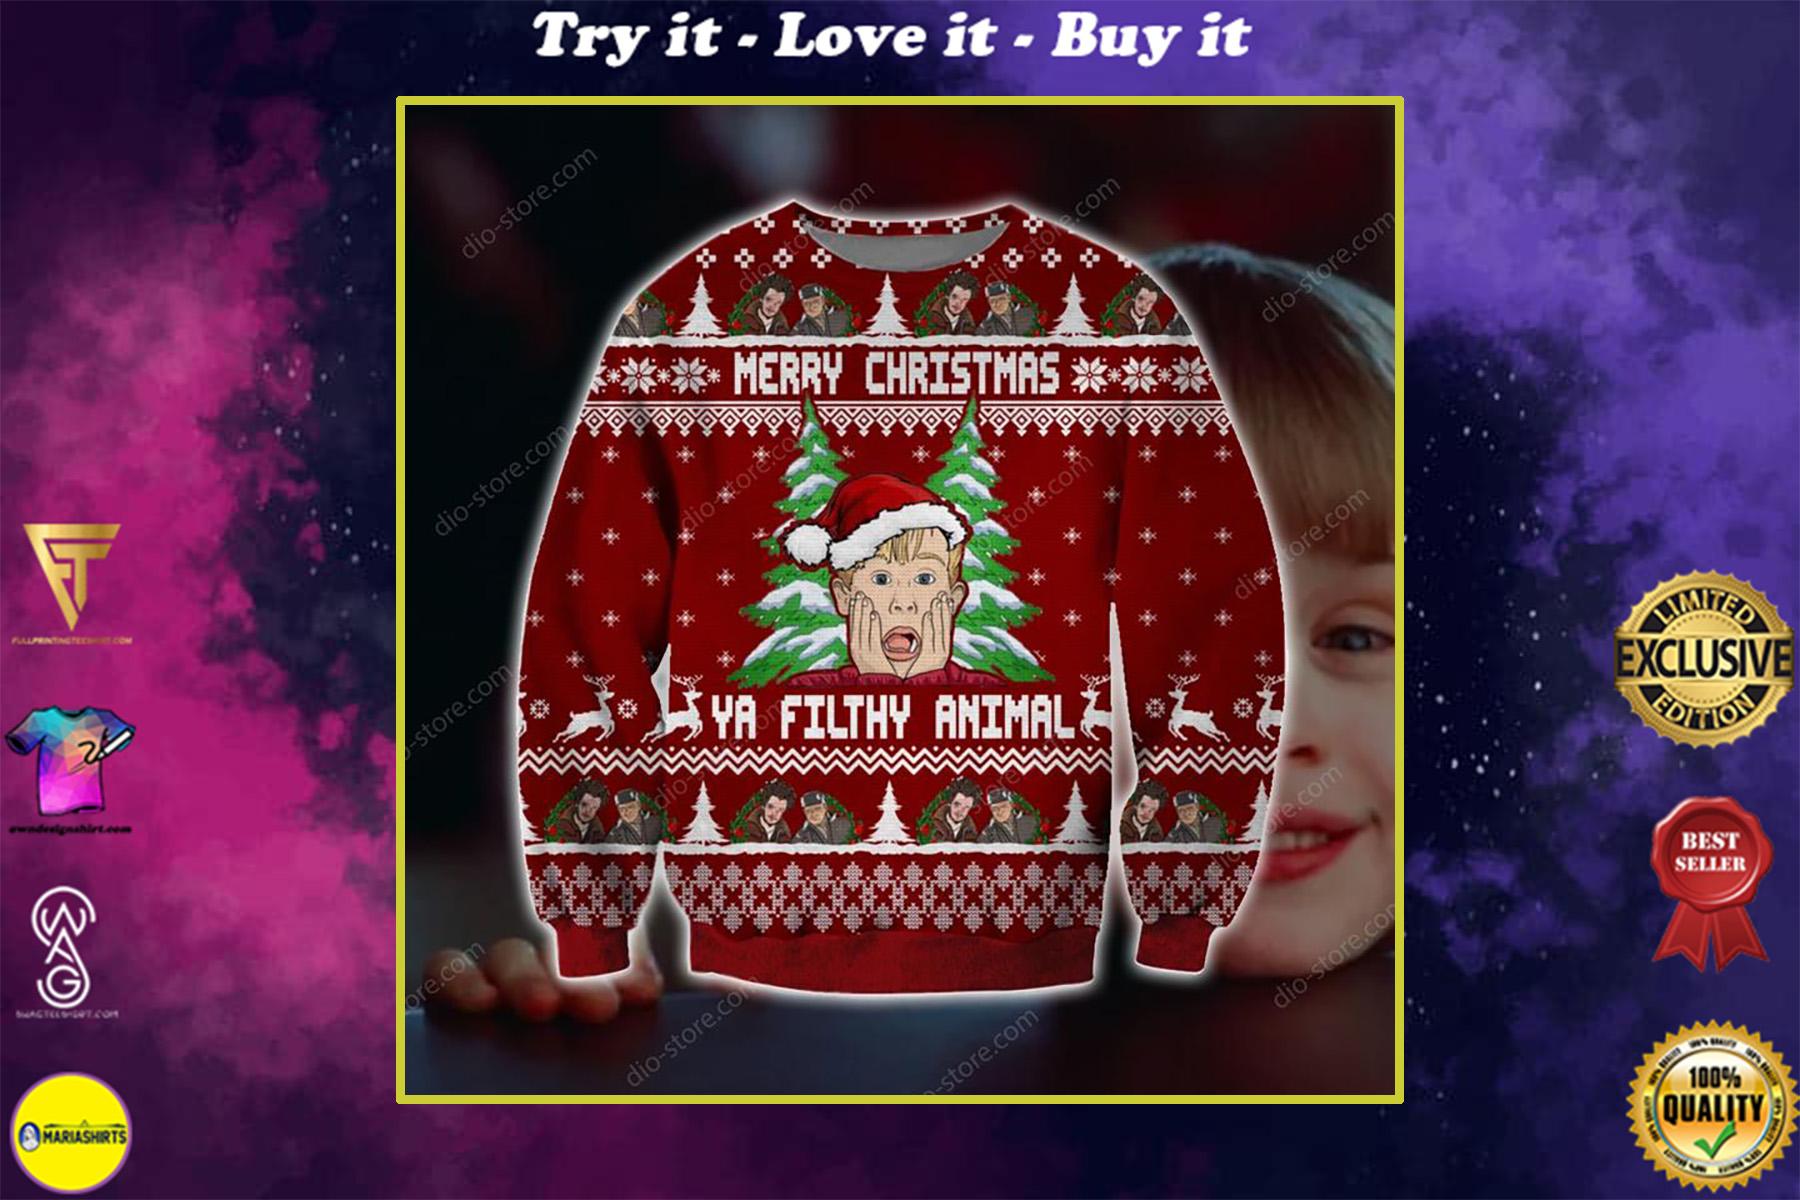 home alone ya filthy animal merry christmas ugly christmas sweater